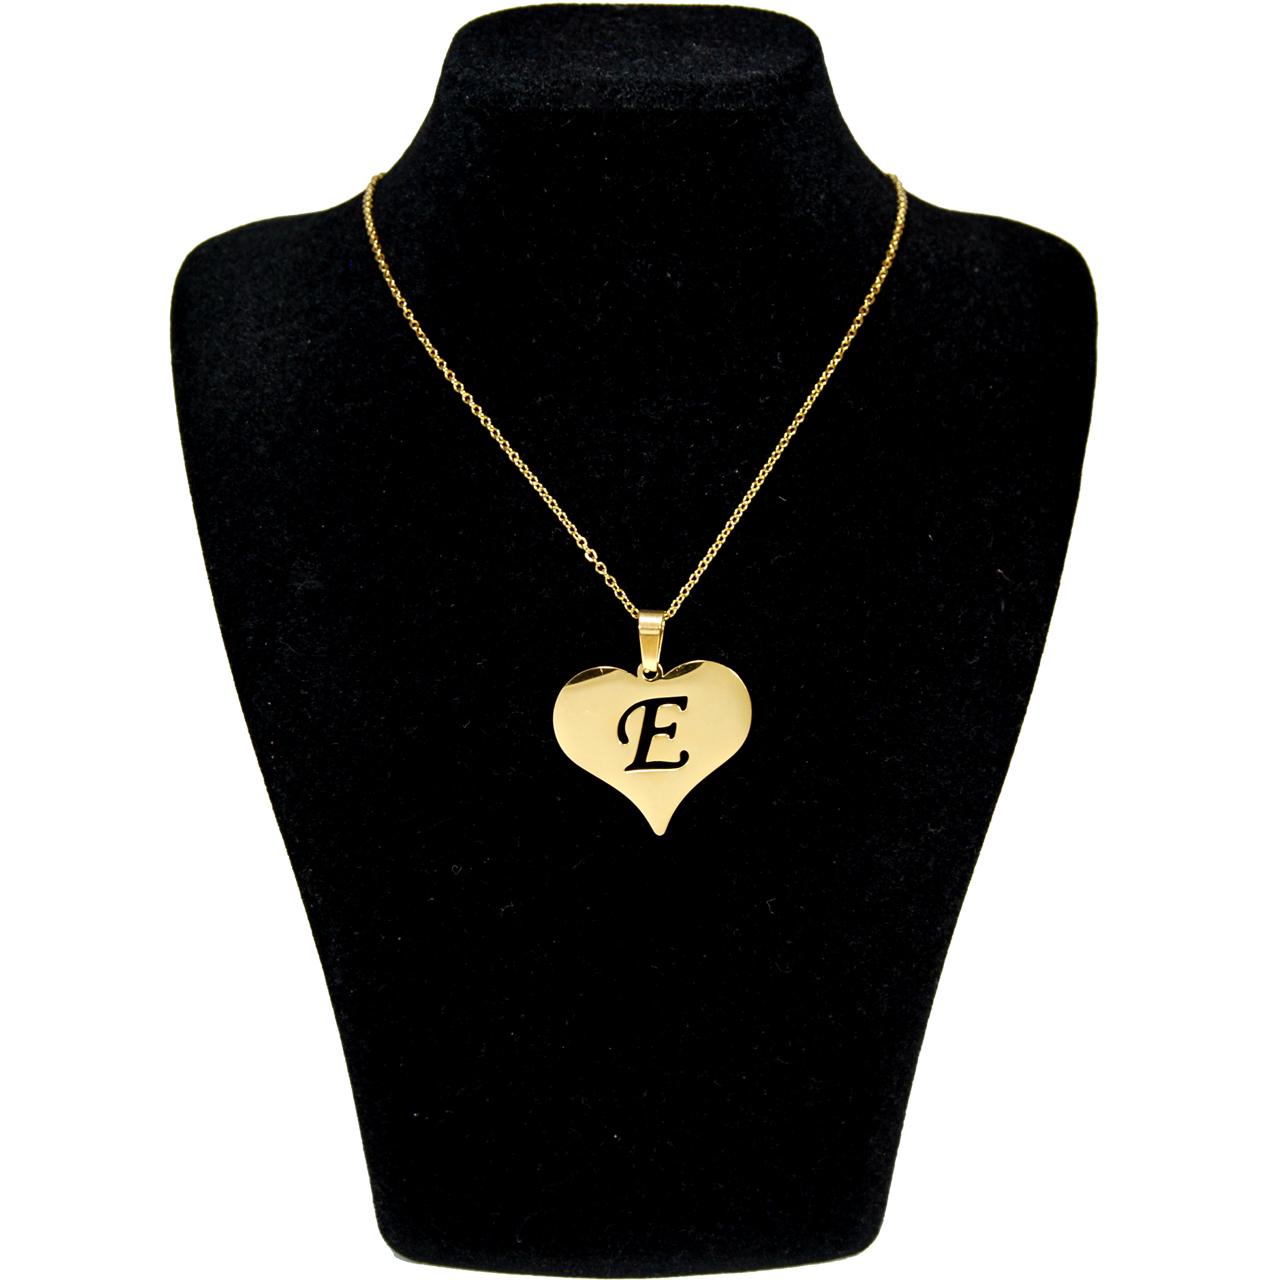 گردنبند آی جواهر طرح E و قلب کد 11560GH